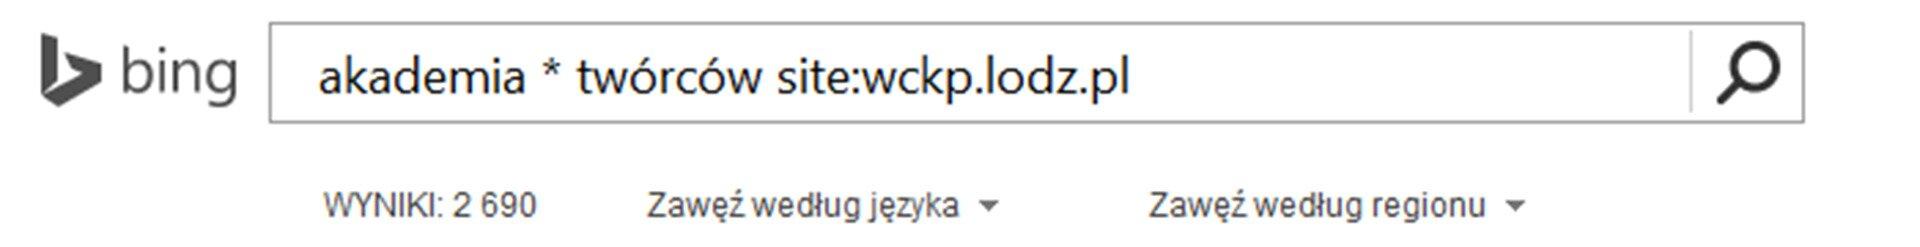 Zrzut paska wyszukiwarki Bing zwpisanym tekstem oraz Site